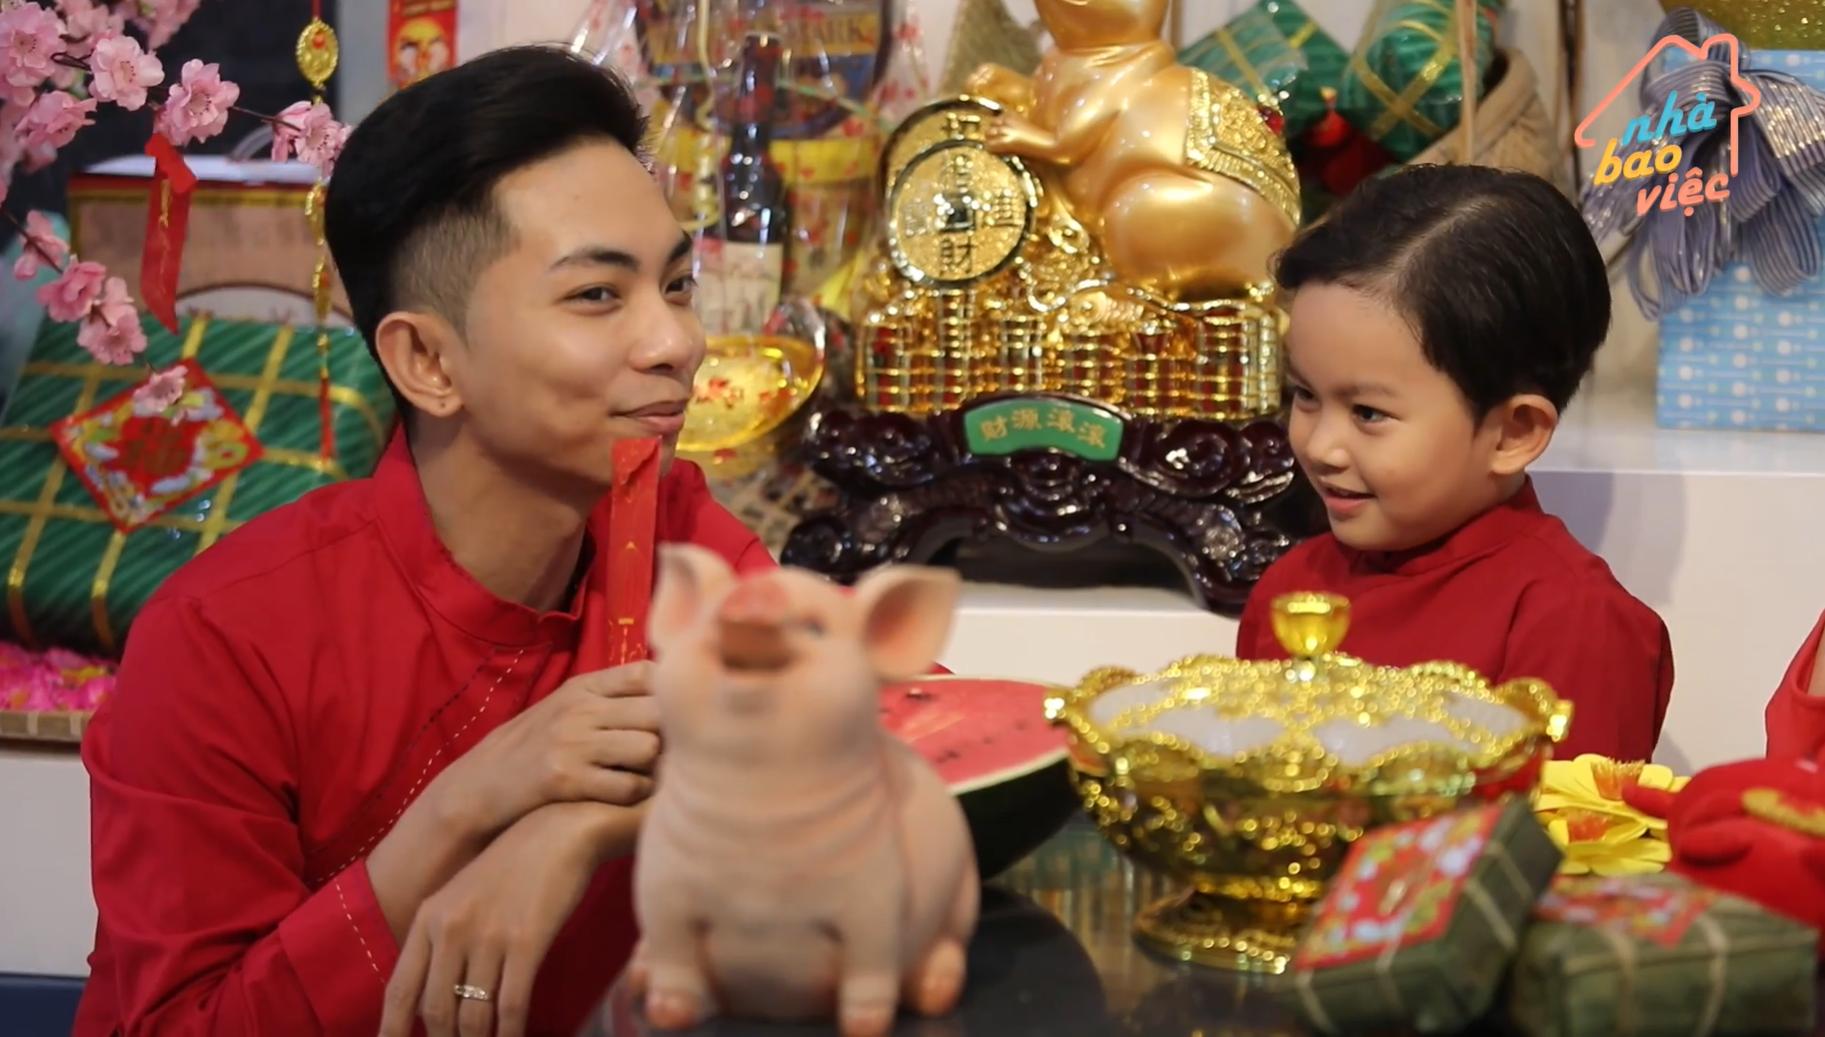 """Kubi nhà Khánh Thi được bố mẹ dạy cách nhận lì xì cực khéo, nhưng cậu bé chúc Tết khiến Phan Hiển cũng sửng sốt """"Sao con khôn quá vậy?"""" - Ảnh 1."""